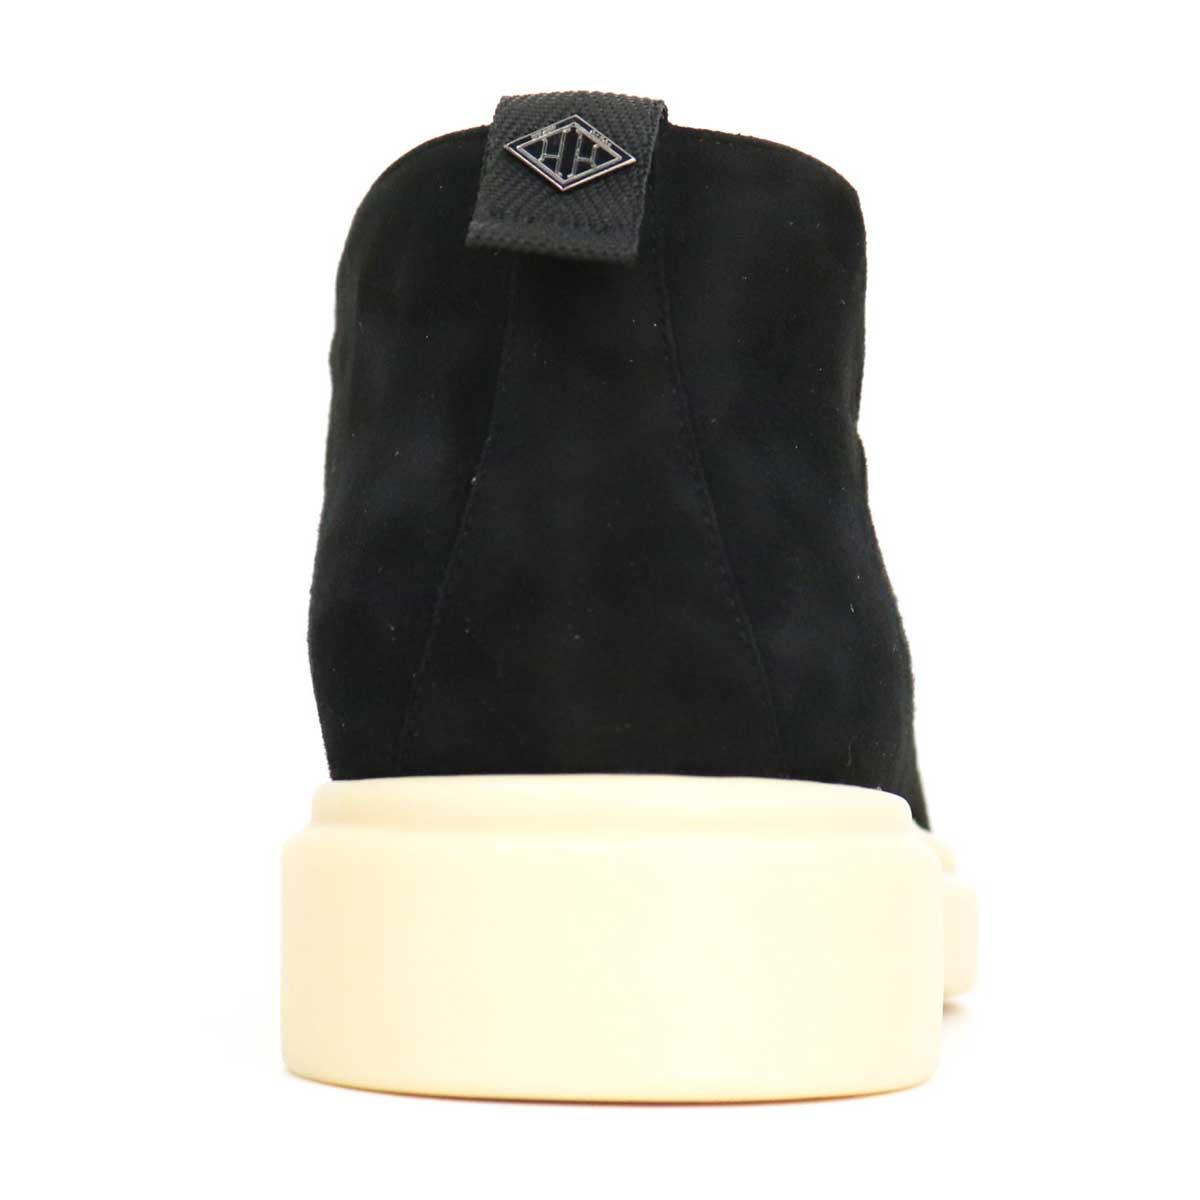 ダブルエイチ WH メンズ イタリア製 Uチップ ゴートスキン スエードアンクルブーツ ITWH-0002 BLK(ブラック)秋冬新作